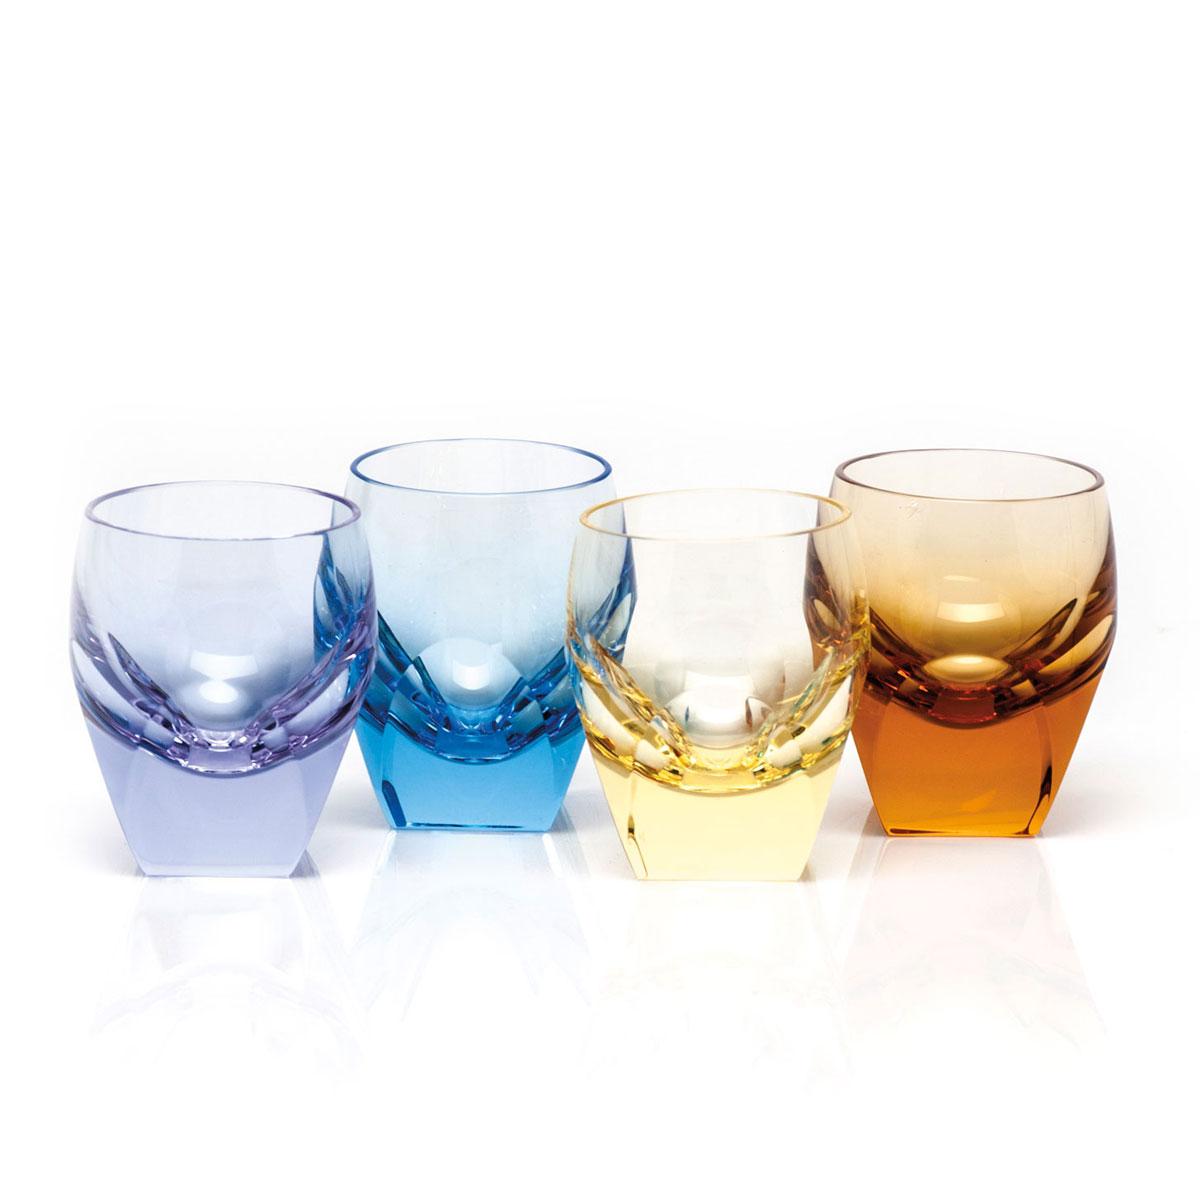 Moser Crystal Bar Shot Glass 1.5 Oz. Set of 4 Multicolor